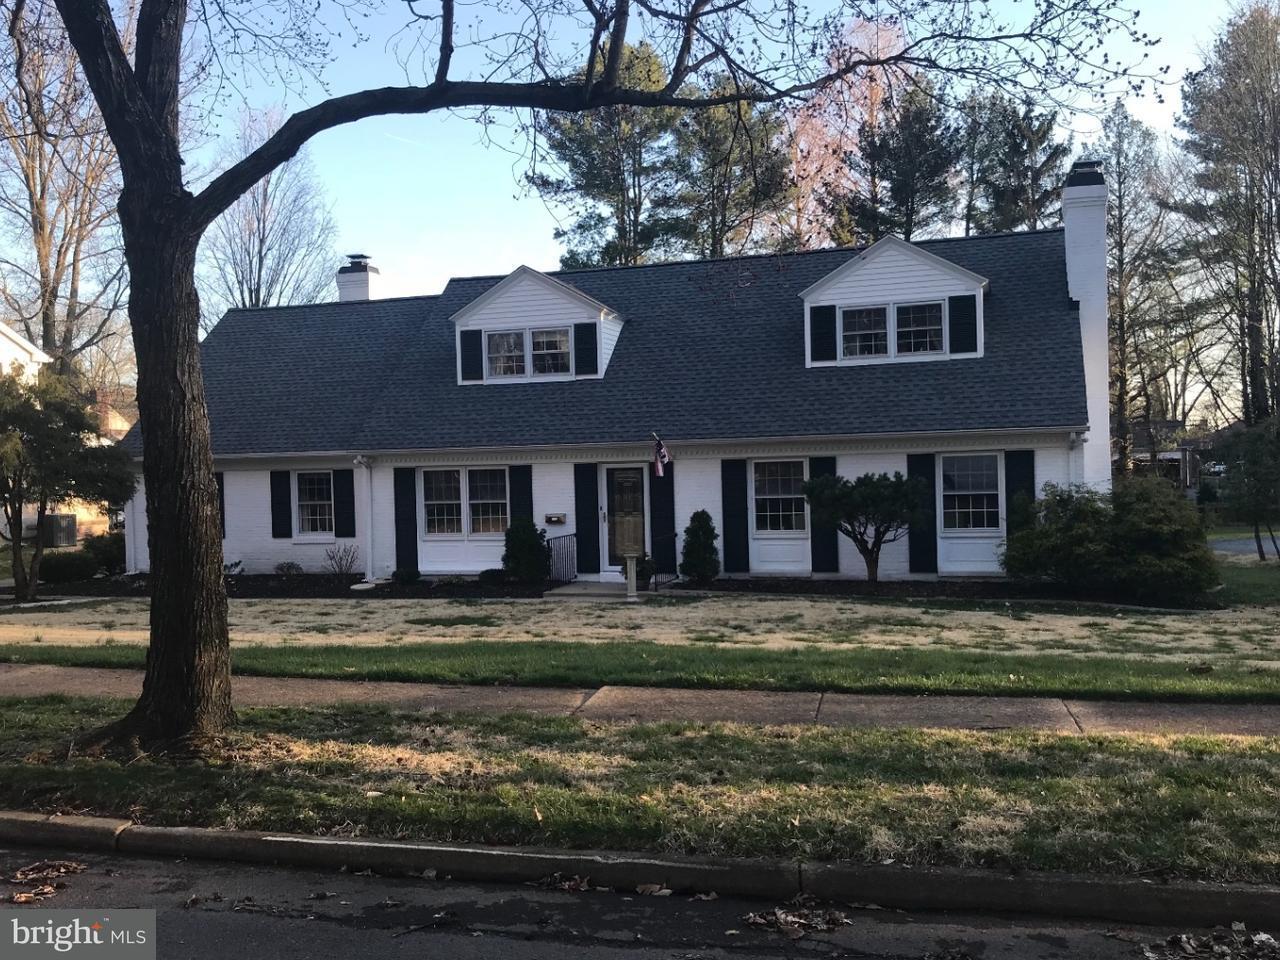 Einfamilienhaus für Verkauf beim 538 KERFOOT FARM Road Talleyville, Delaware 19803 Vereinigte Staaten